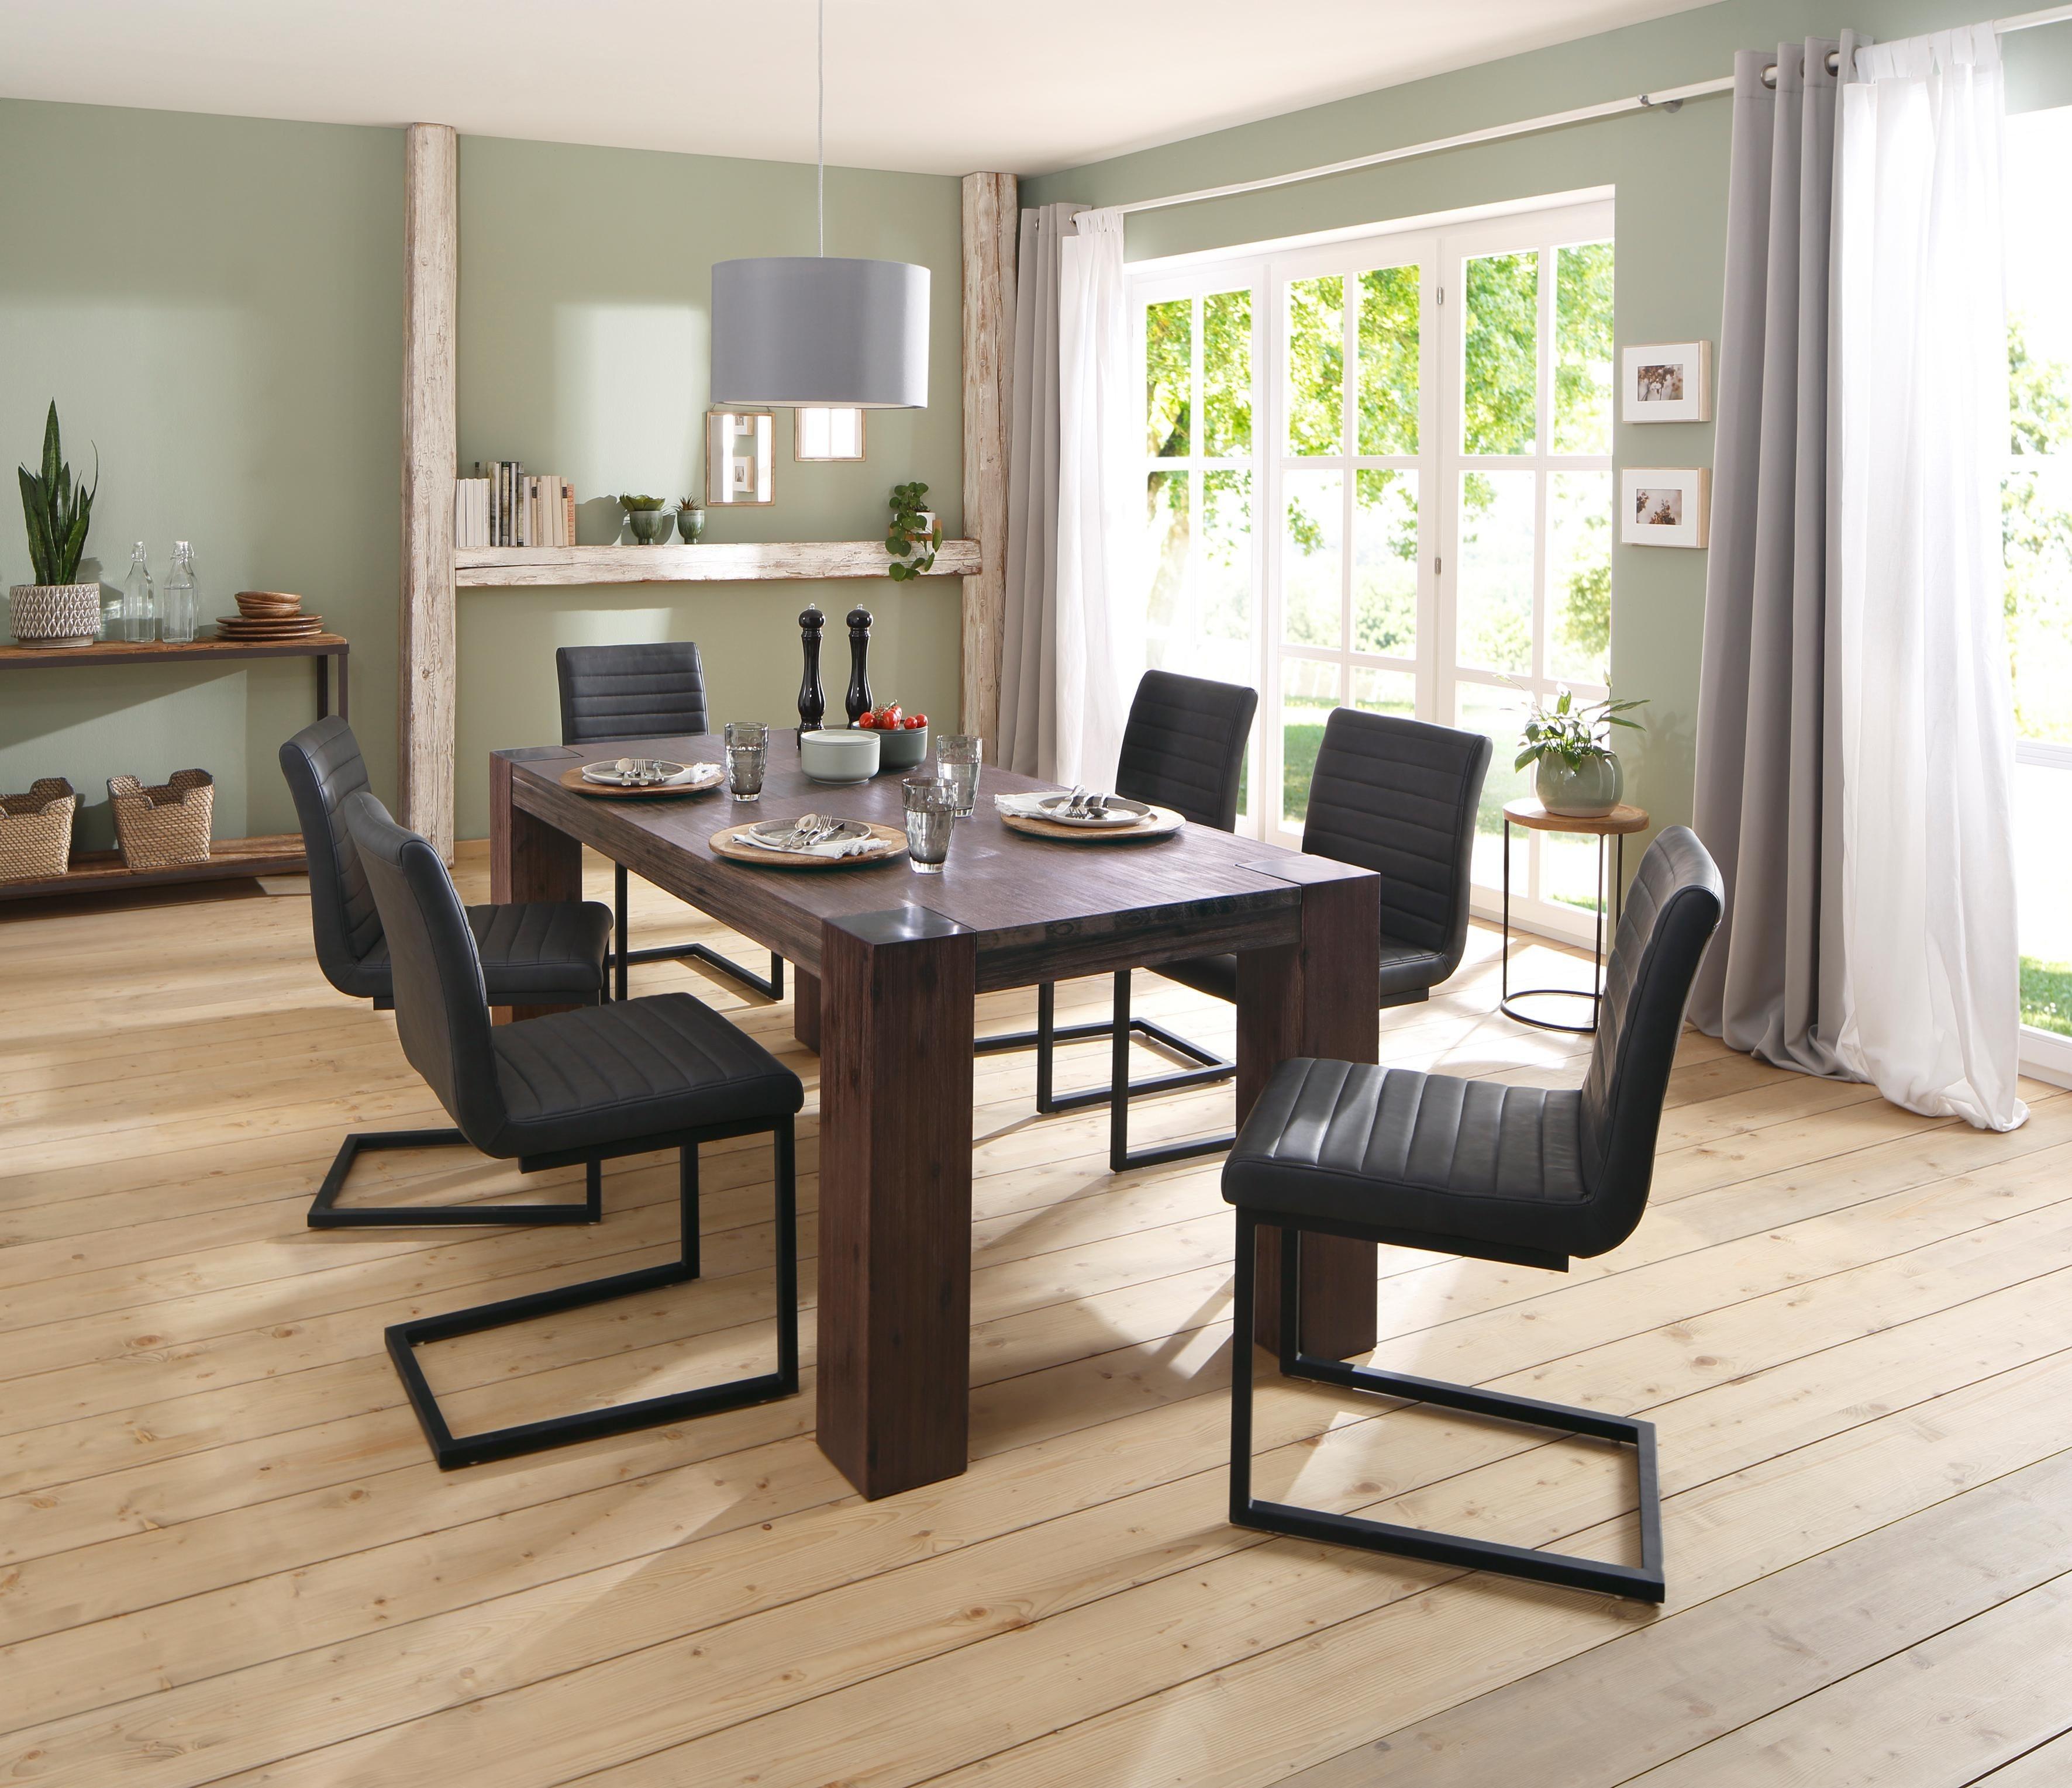 stapelstuhl ohne armlehne preisvergleich die besten angebote online kaufen. Black Bedroom Furniture Sets. Home Design Ideas